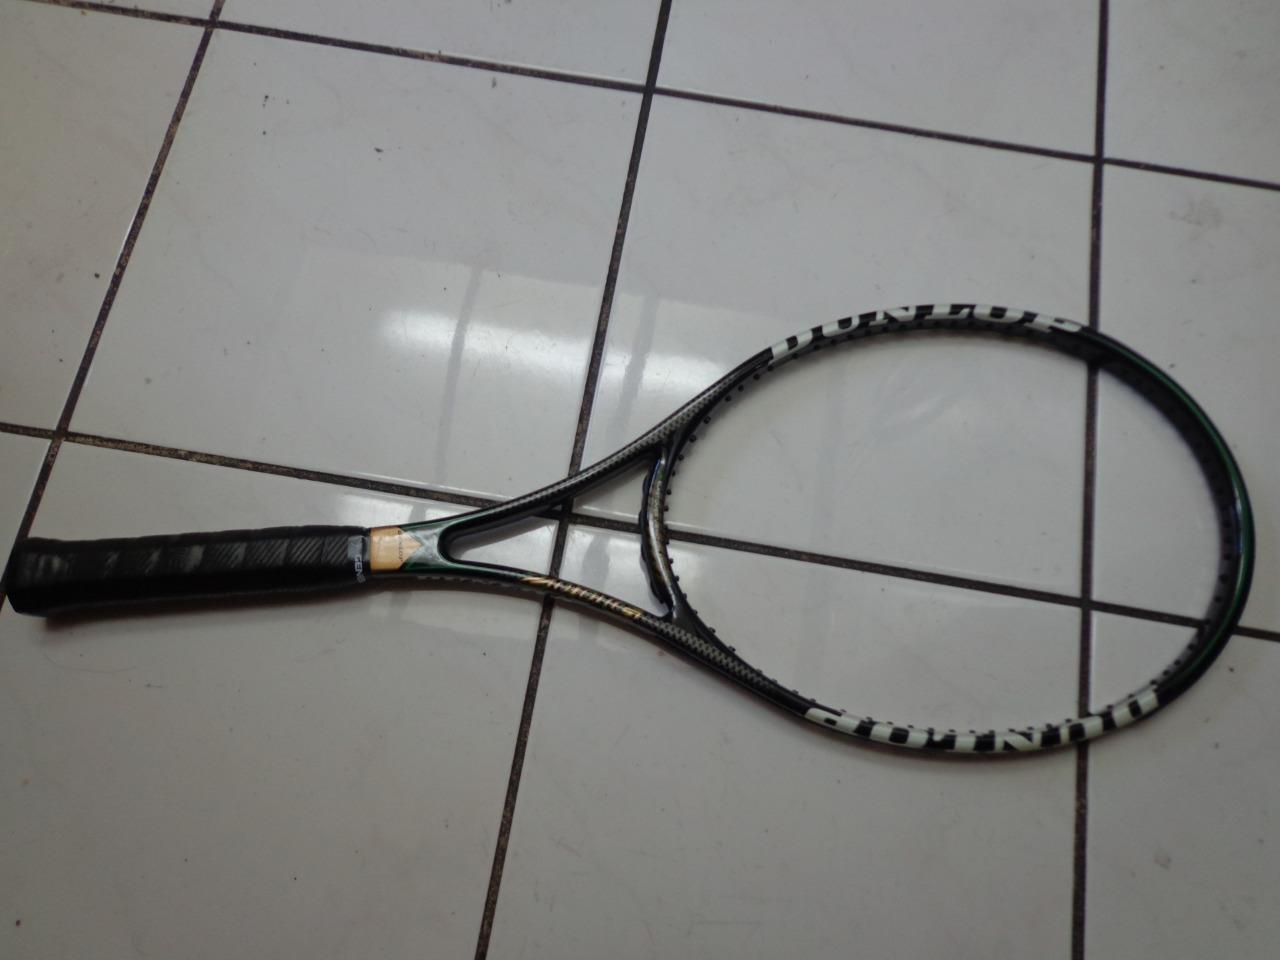 NEW RARE Dunlop Revelation 200G 95 head 18x20 head 4 3 8 grip Tennis Racquet